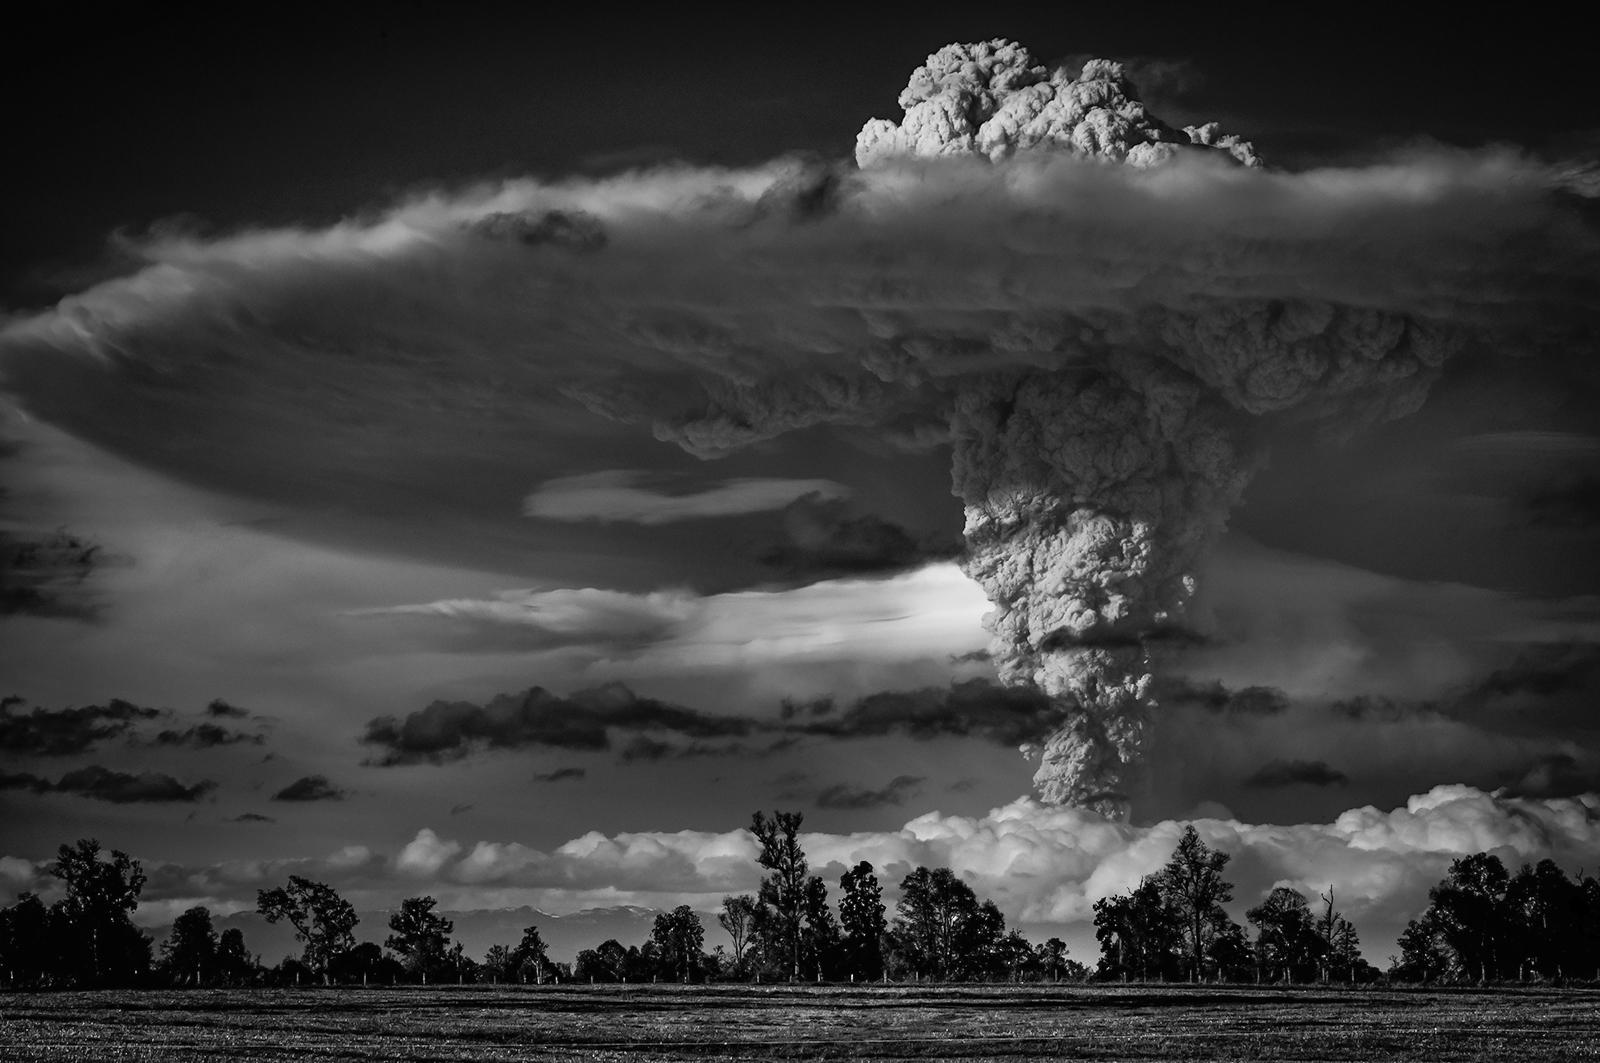 Wonderful Volcanic Smoke With Streaks of Lightning by Francisco Negroni 3 Wonderful Photography between Volcanic Smoke With Streaks of Lightning by Francisco Negroni